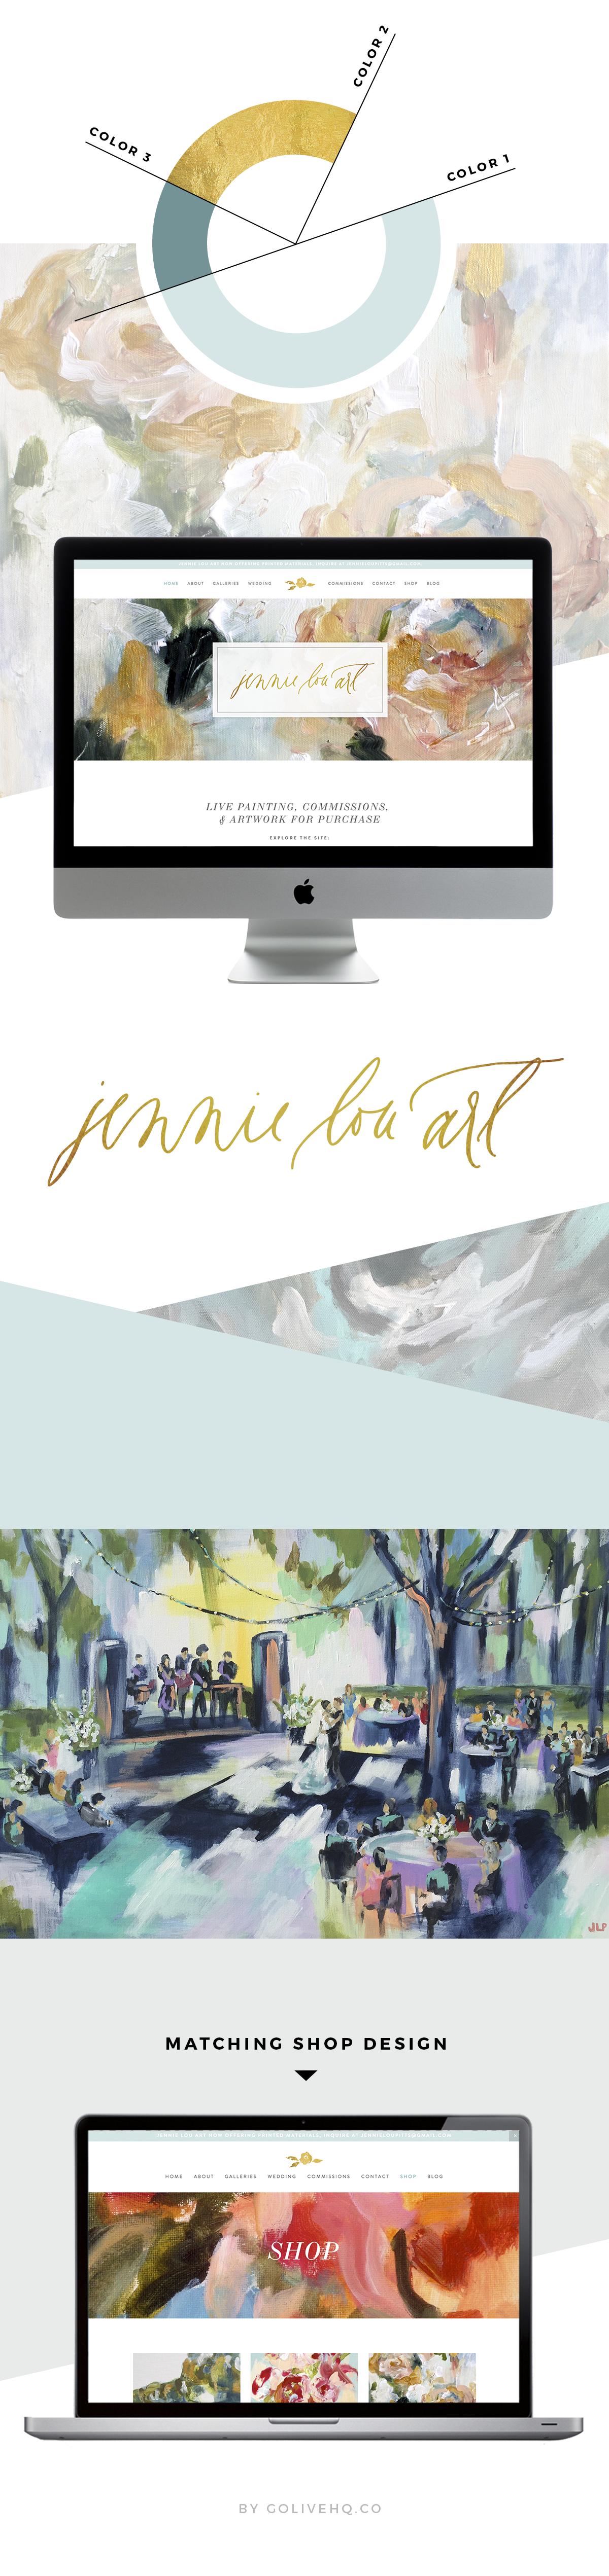 fine art website design   |   by GOLIVEHQ.CO